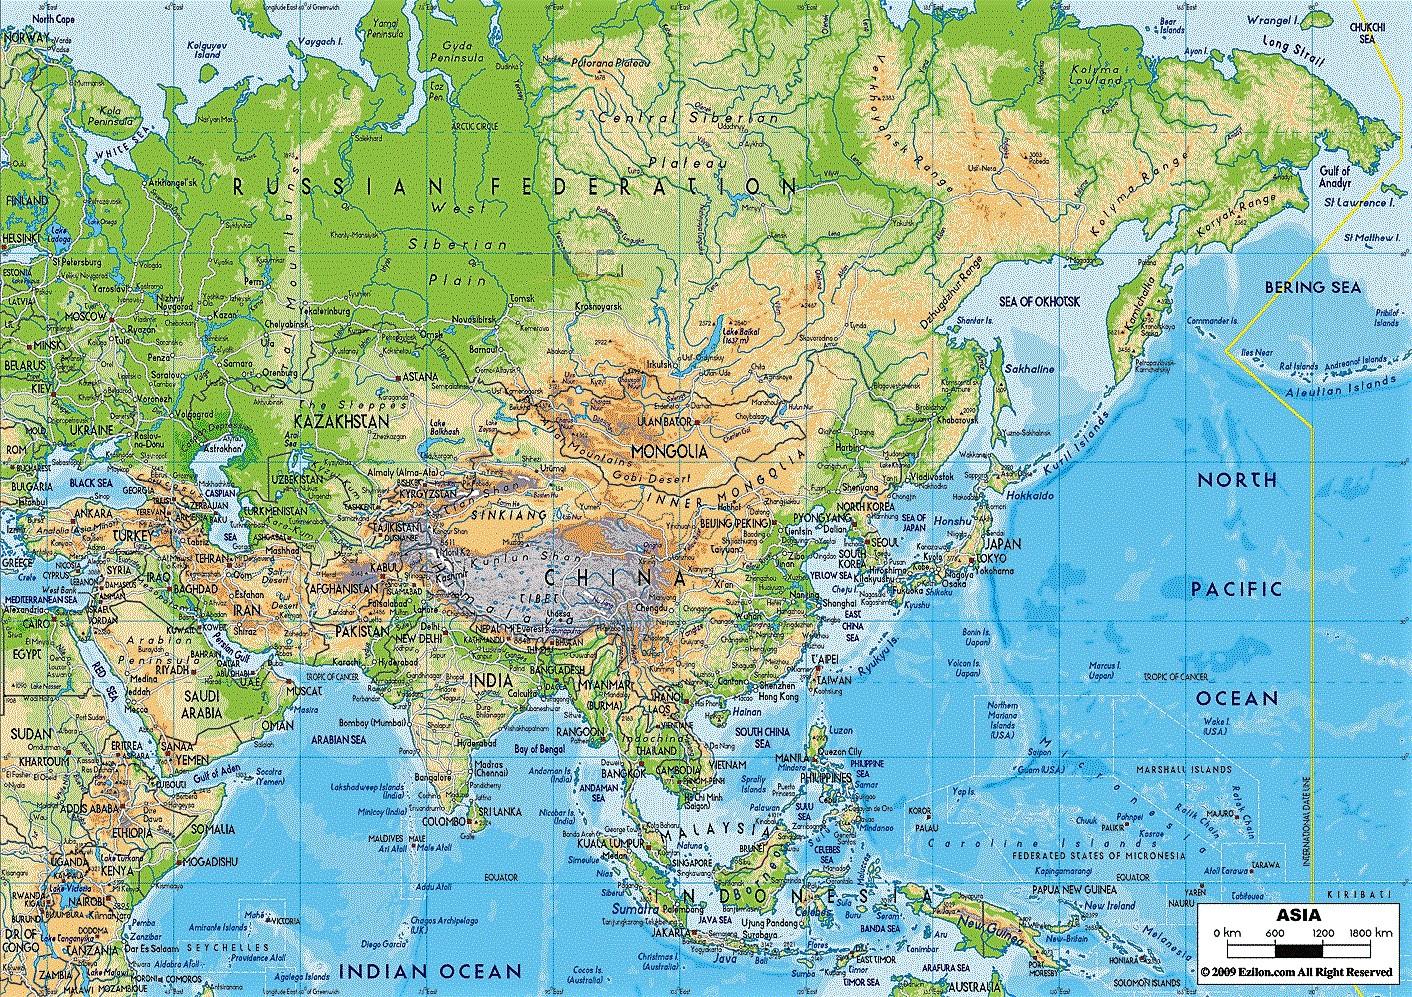 mapa interactivo de asia fisico